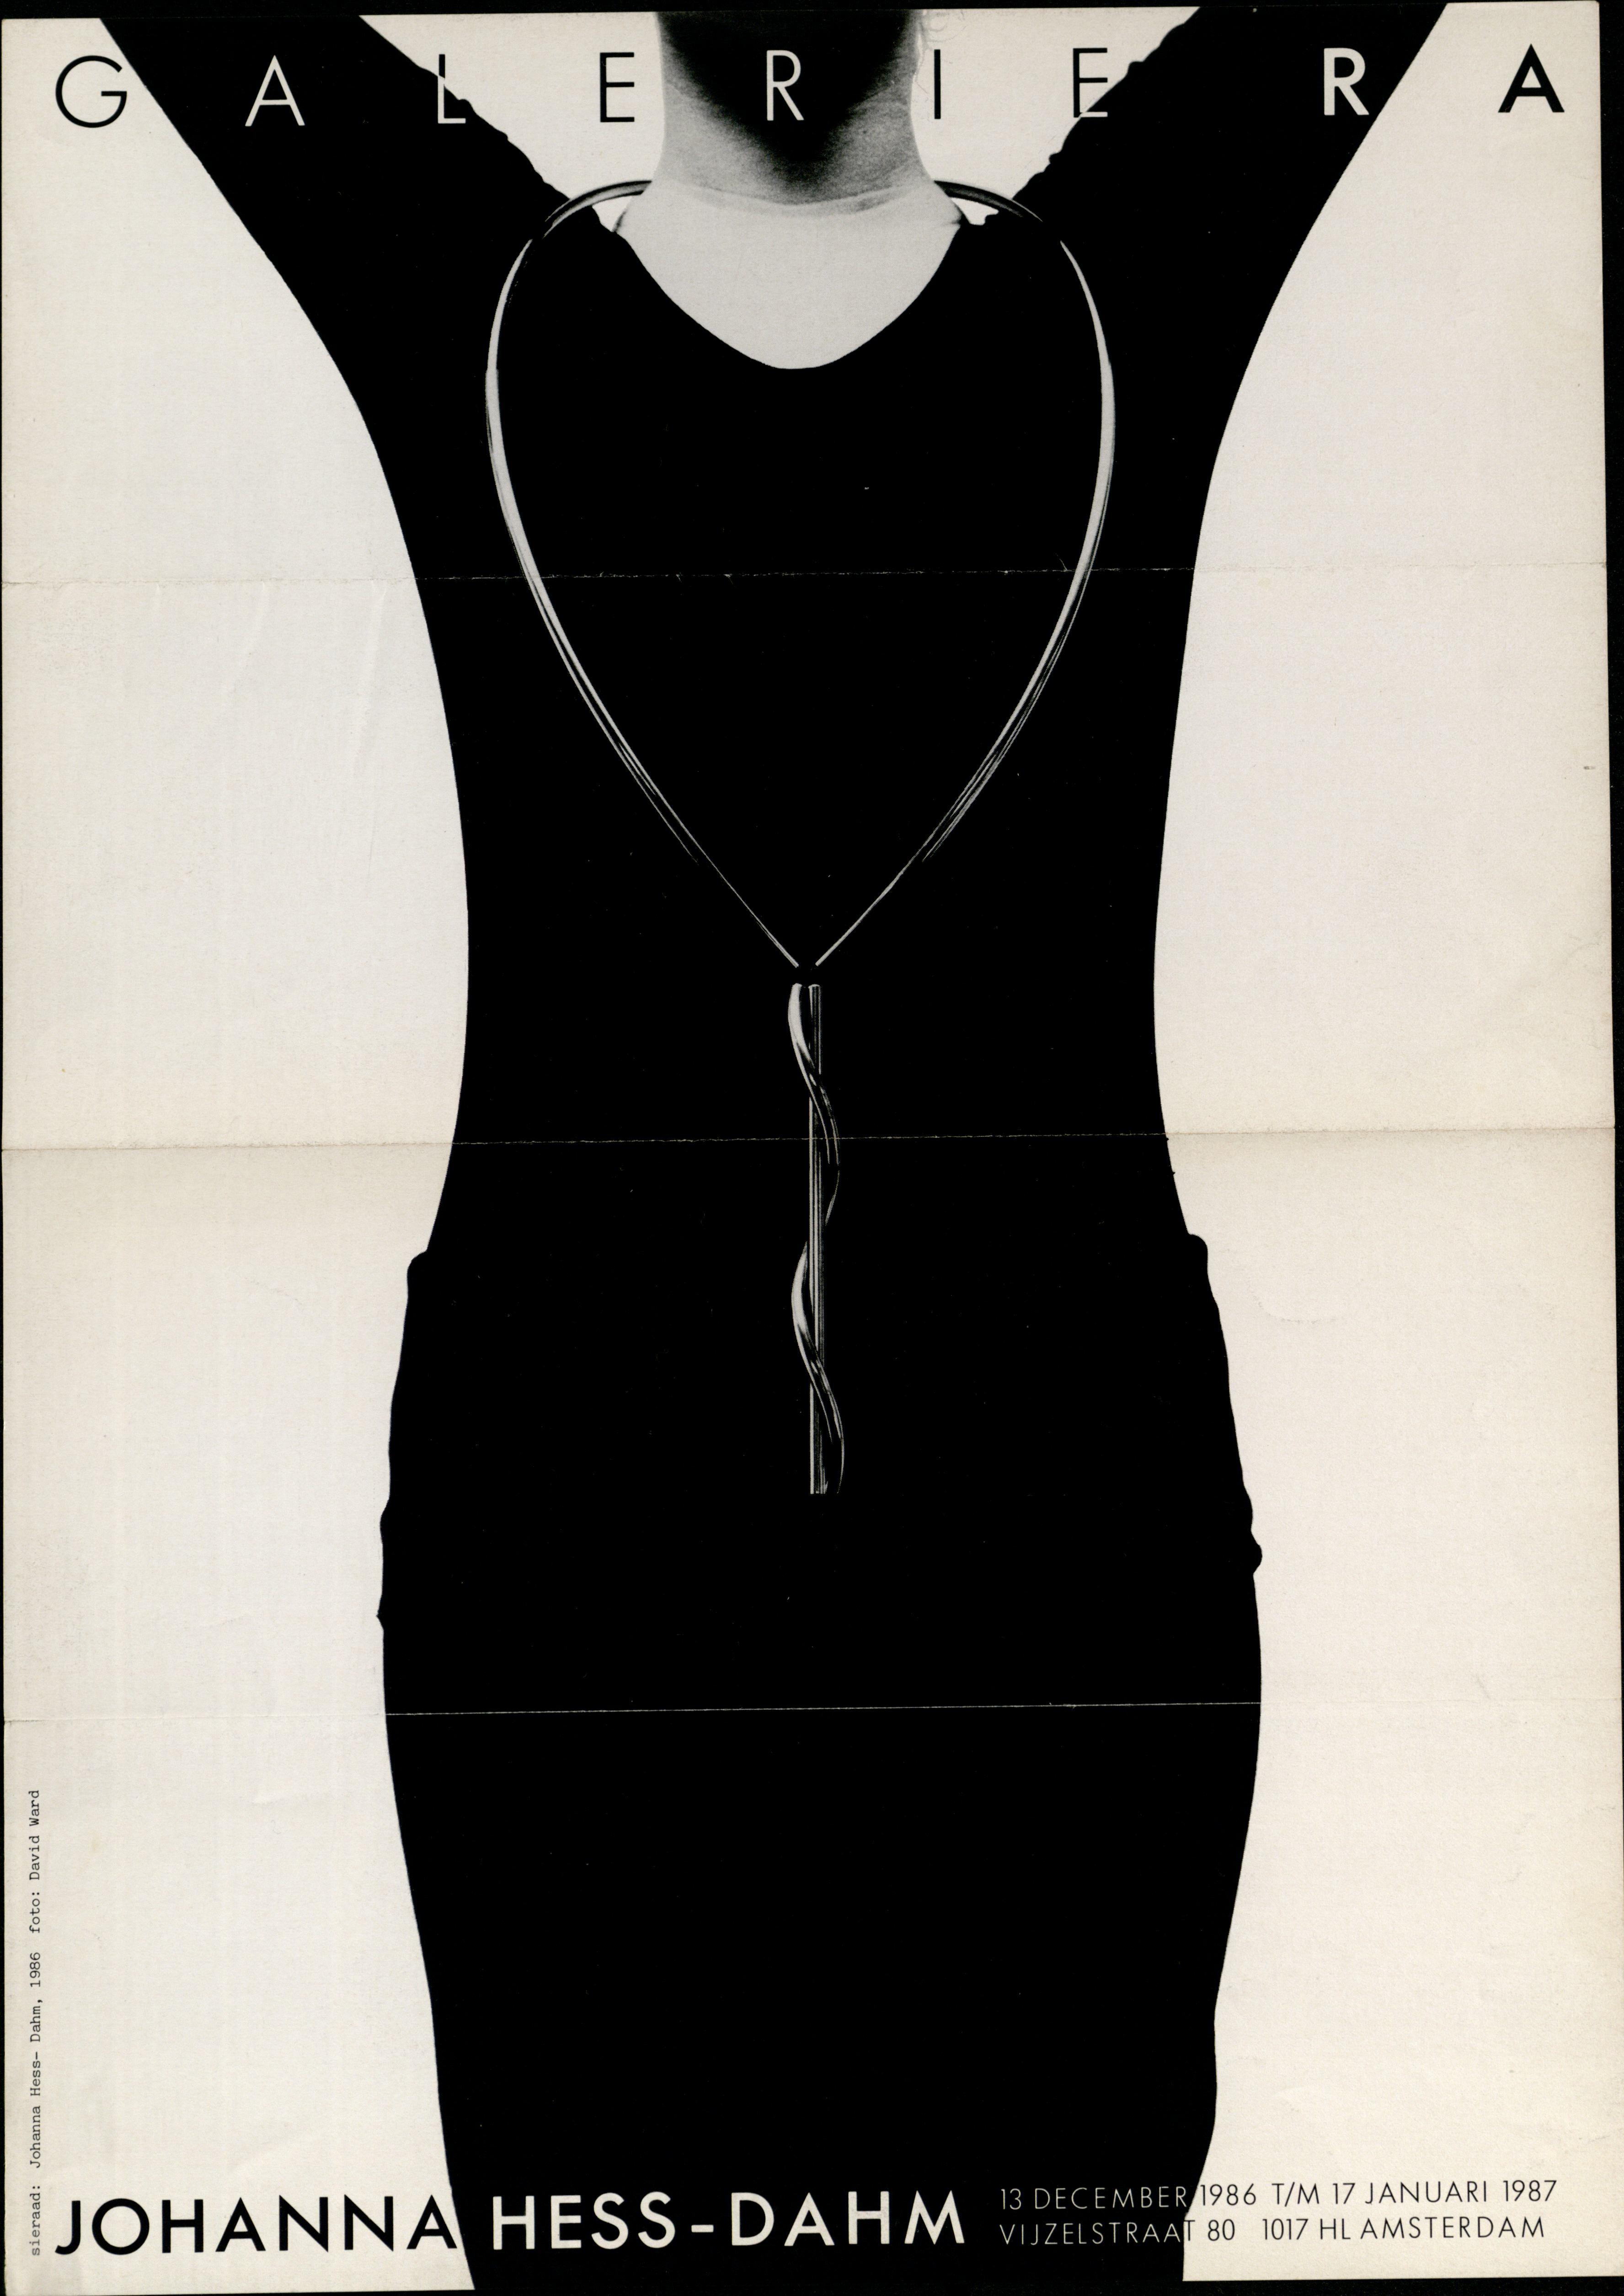 Ra Bulletin 31, december 1986/januari 1987, voorzijde met foto van David Ward© met halssieraad van Johanna Dahm, papier, drukwerk, metaal